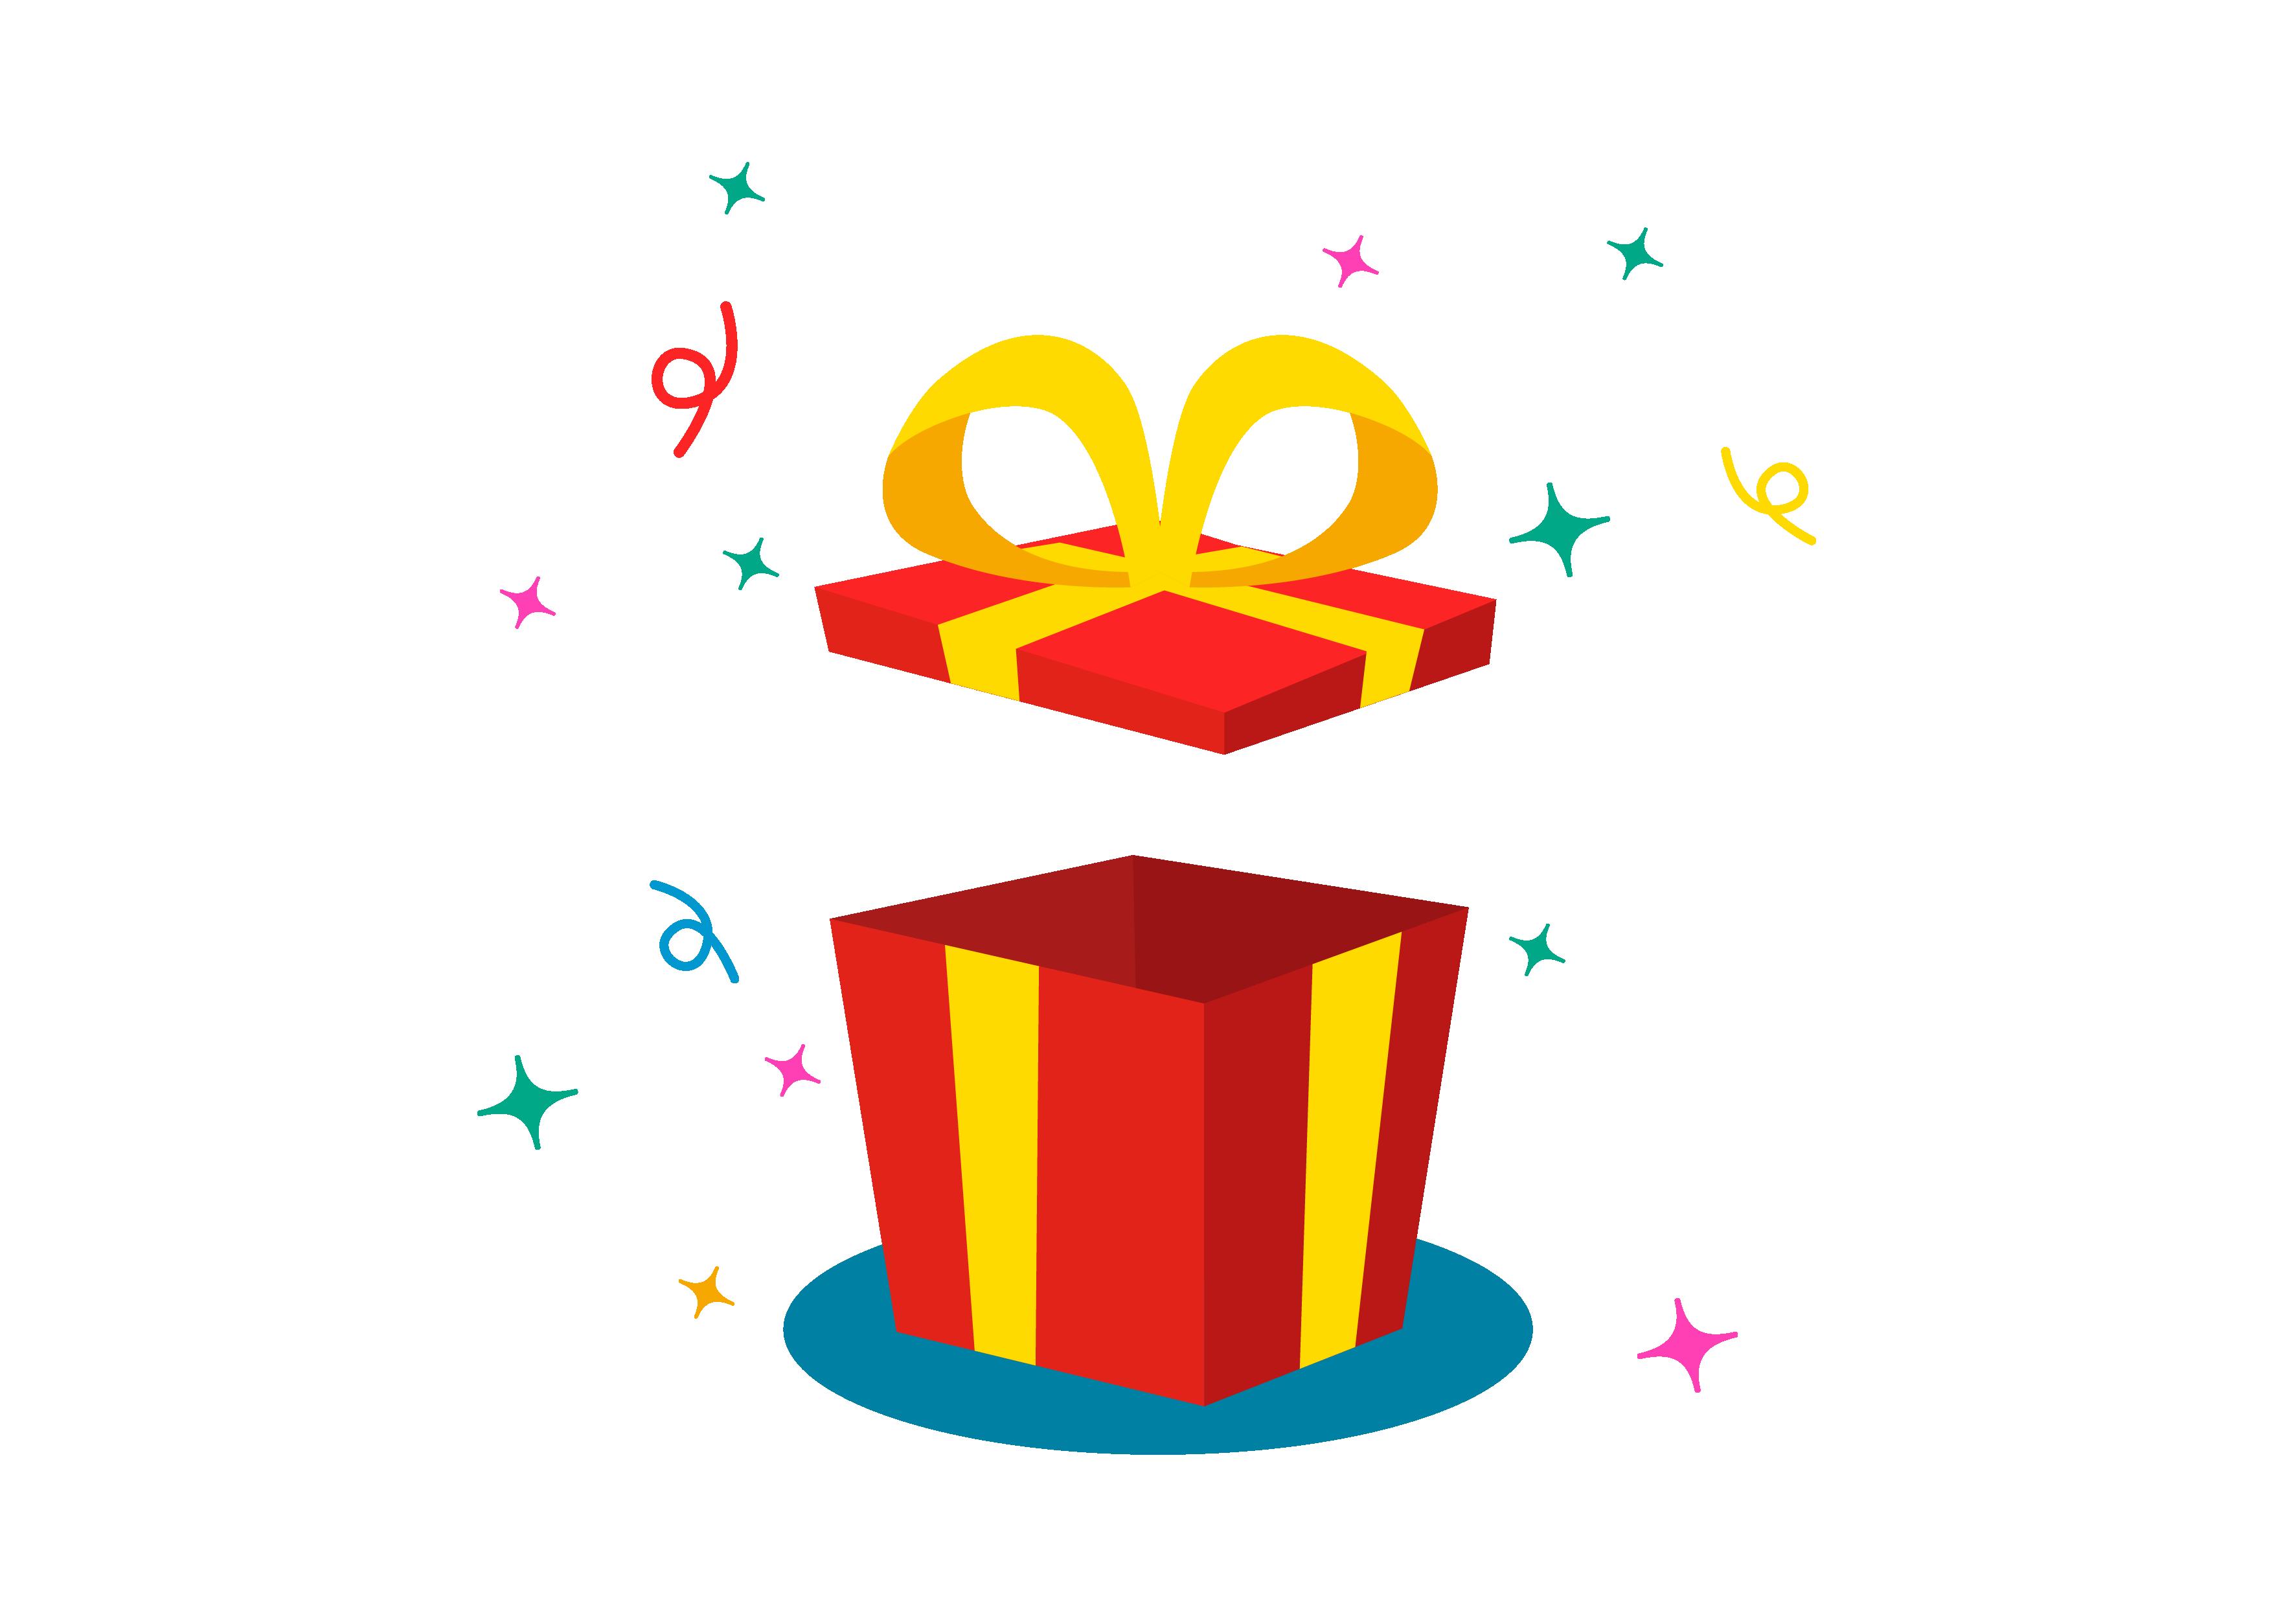 包图网_17959365礼盒卡通简约丝带礼物节日通用元素.png